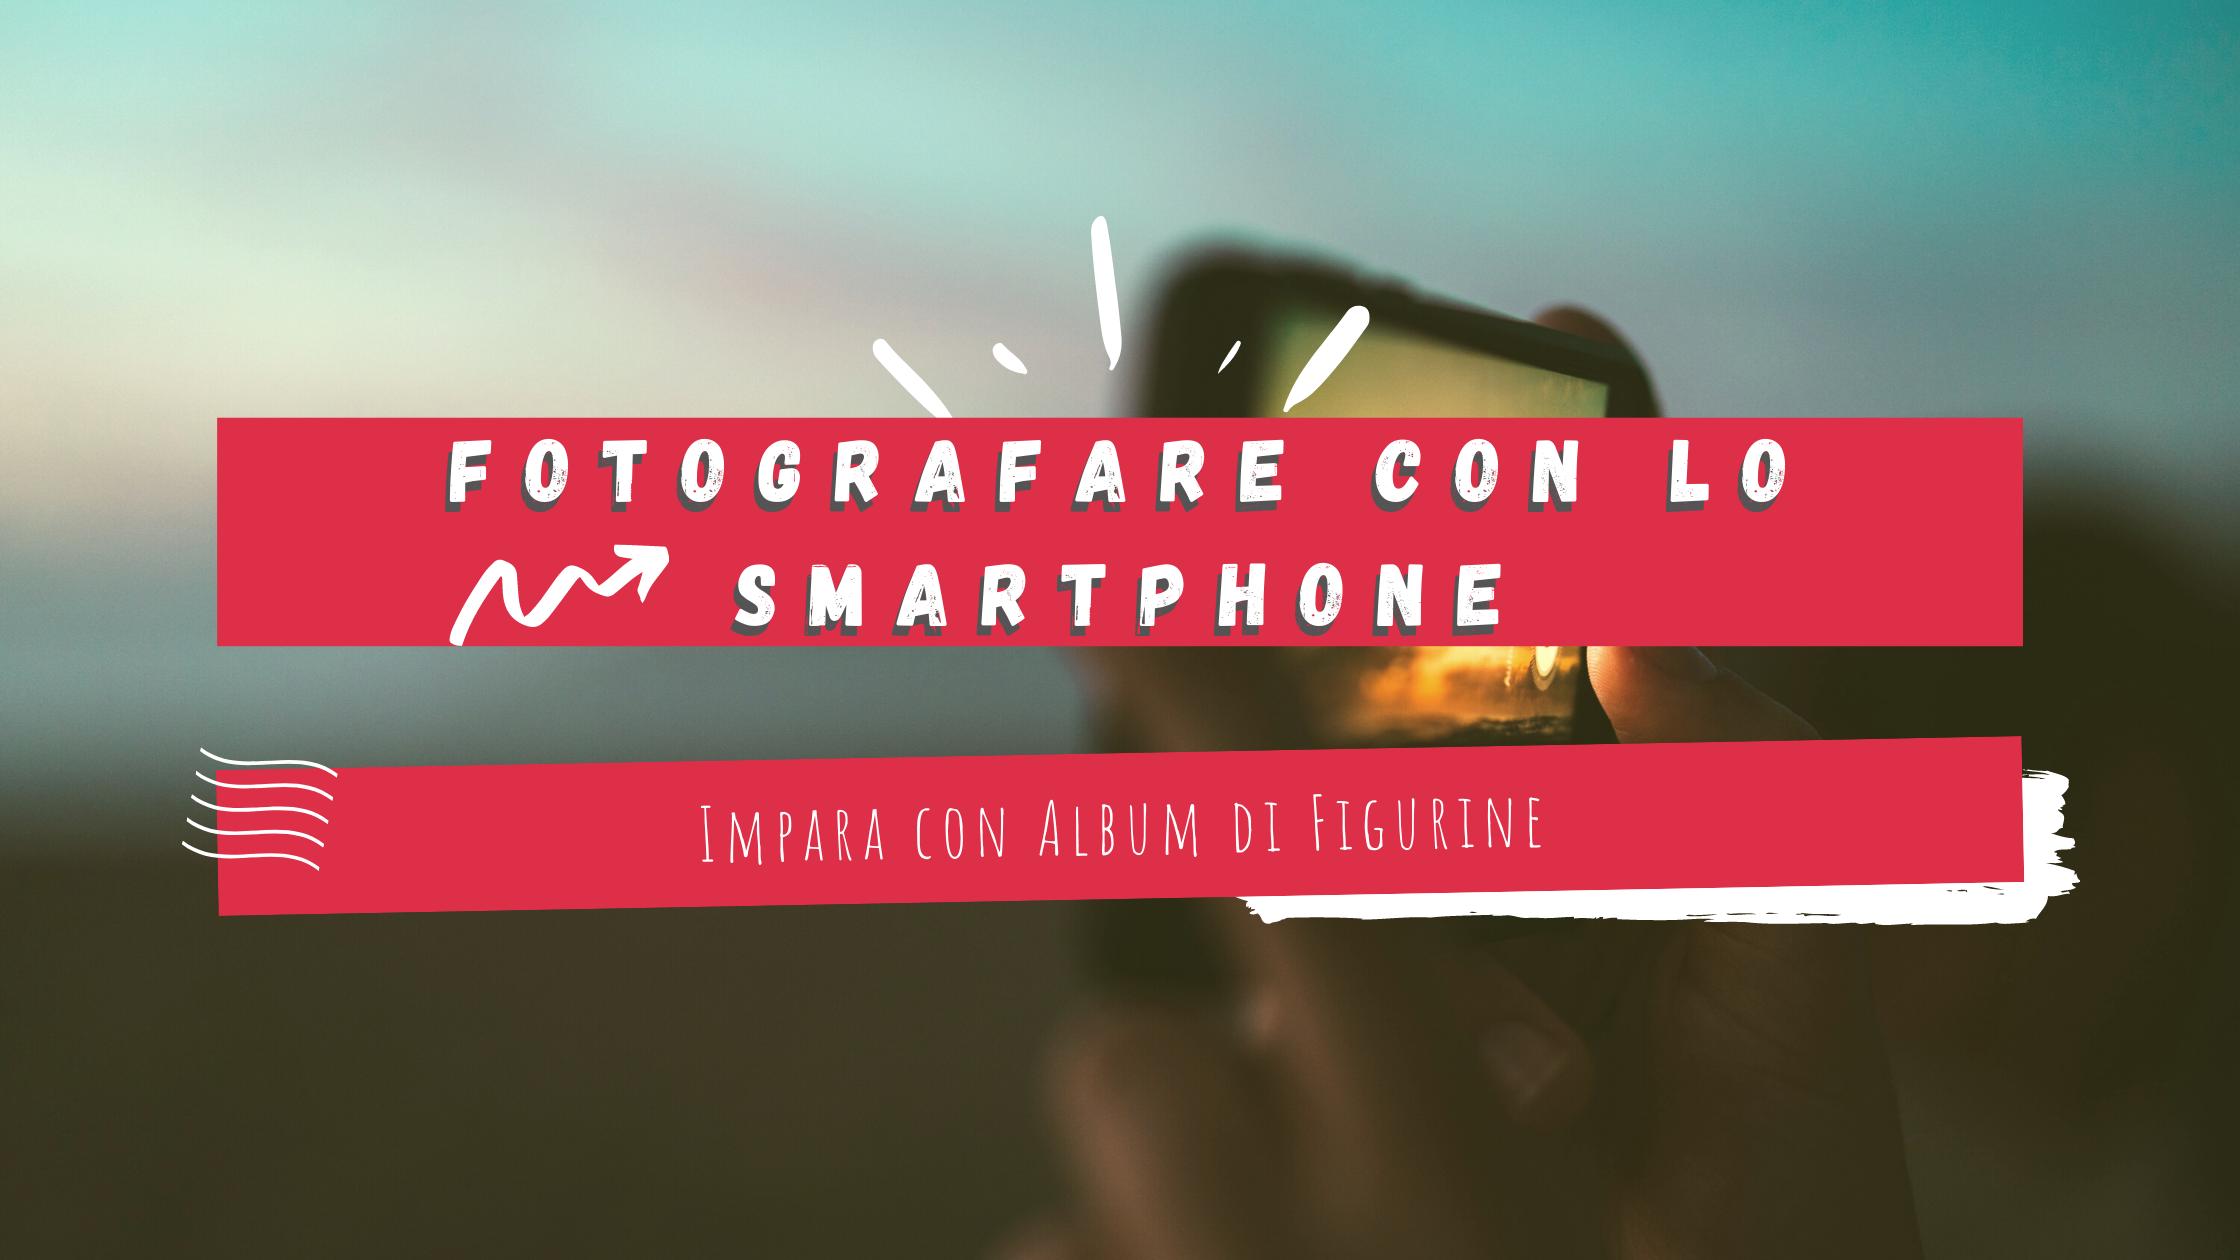 Smartphone per fotografia: come fare belle foto